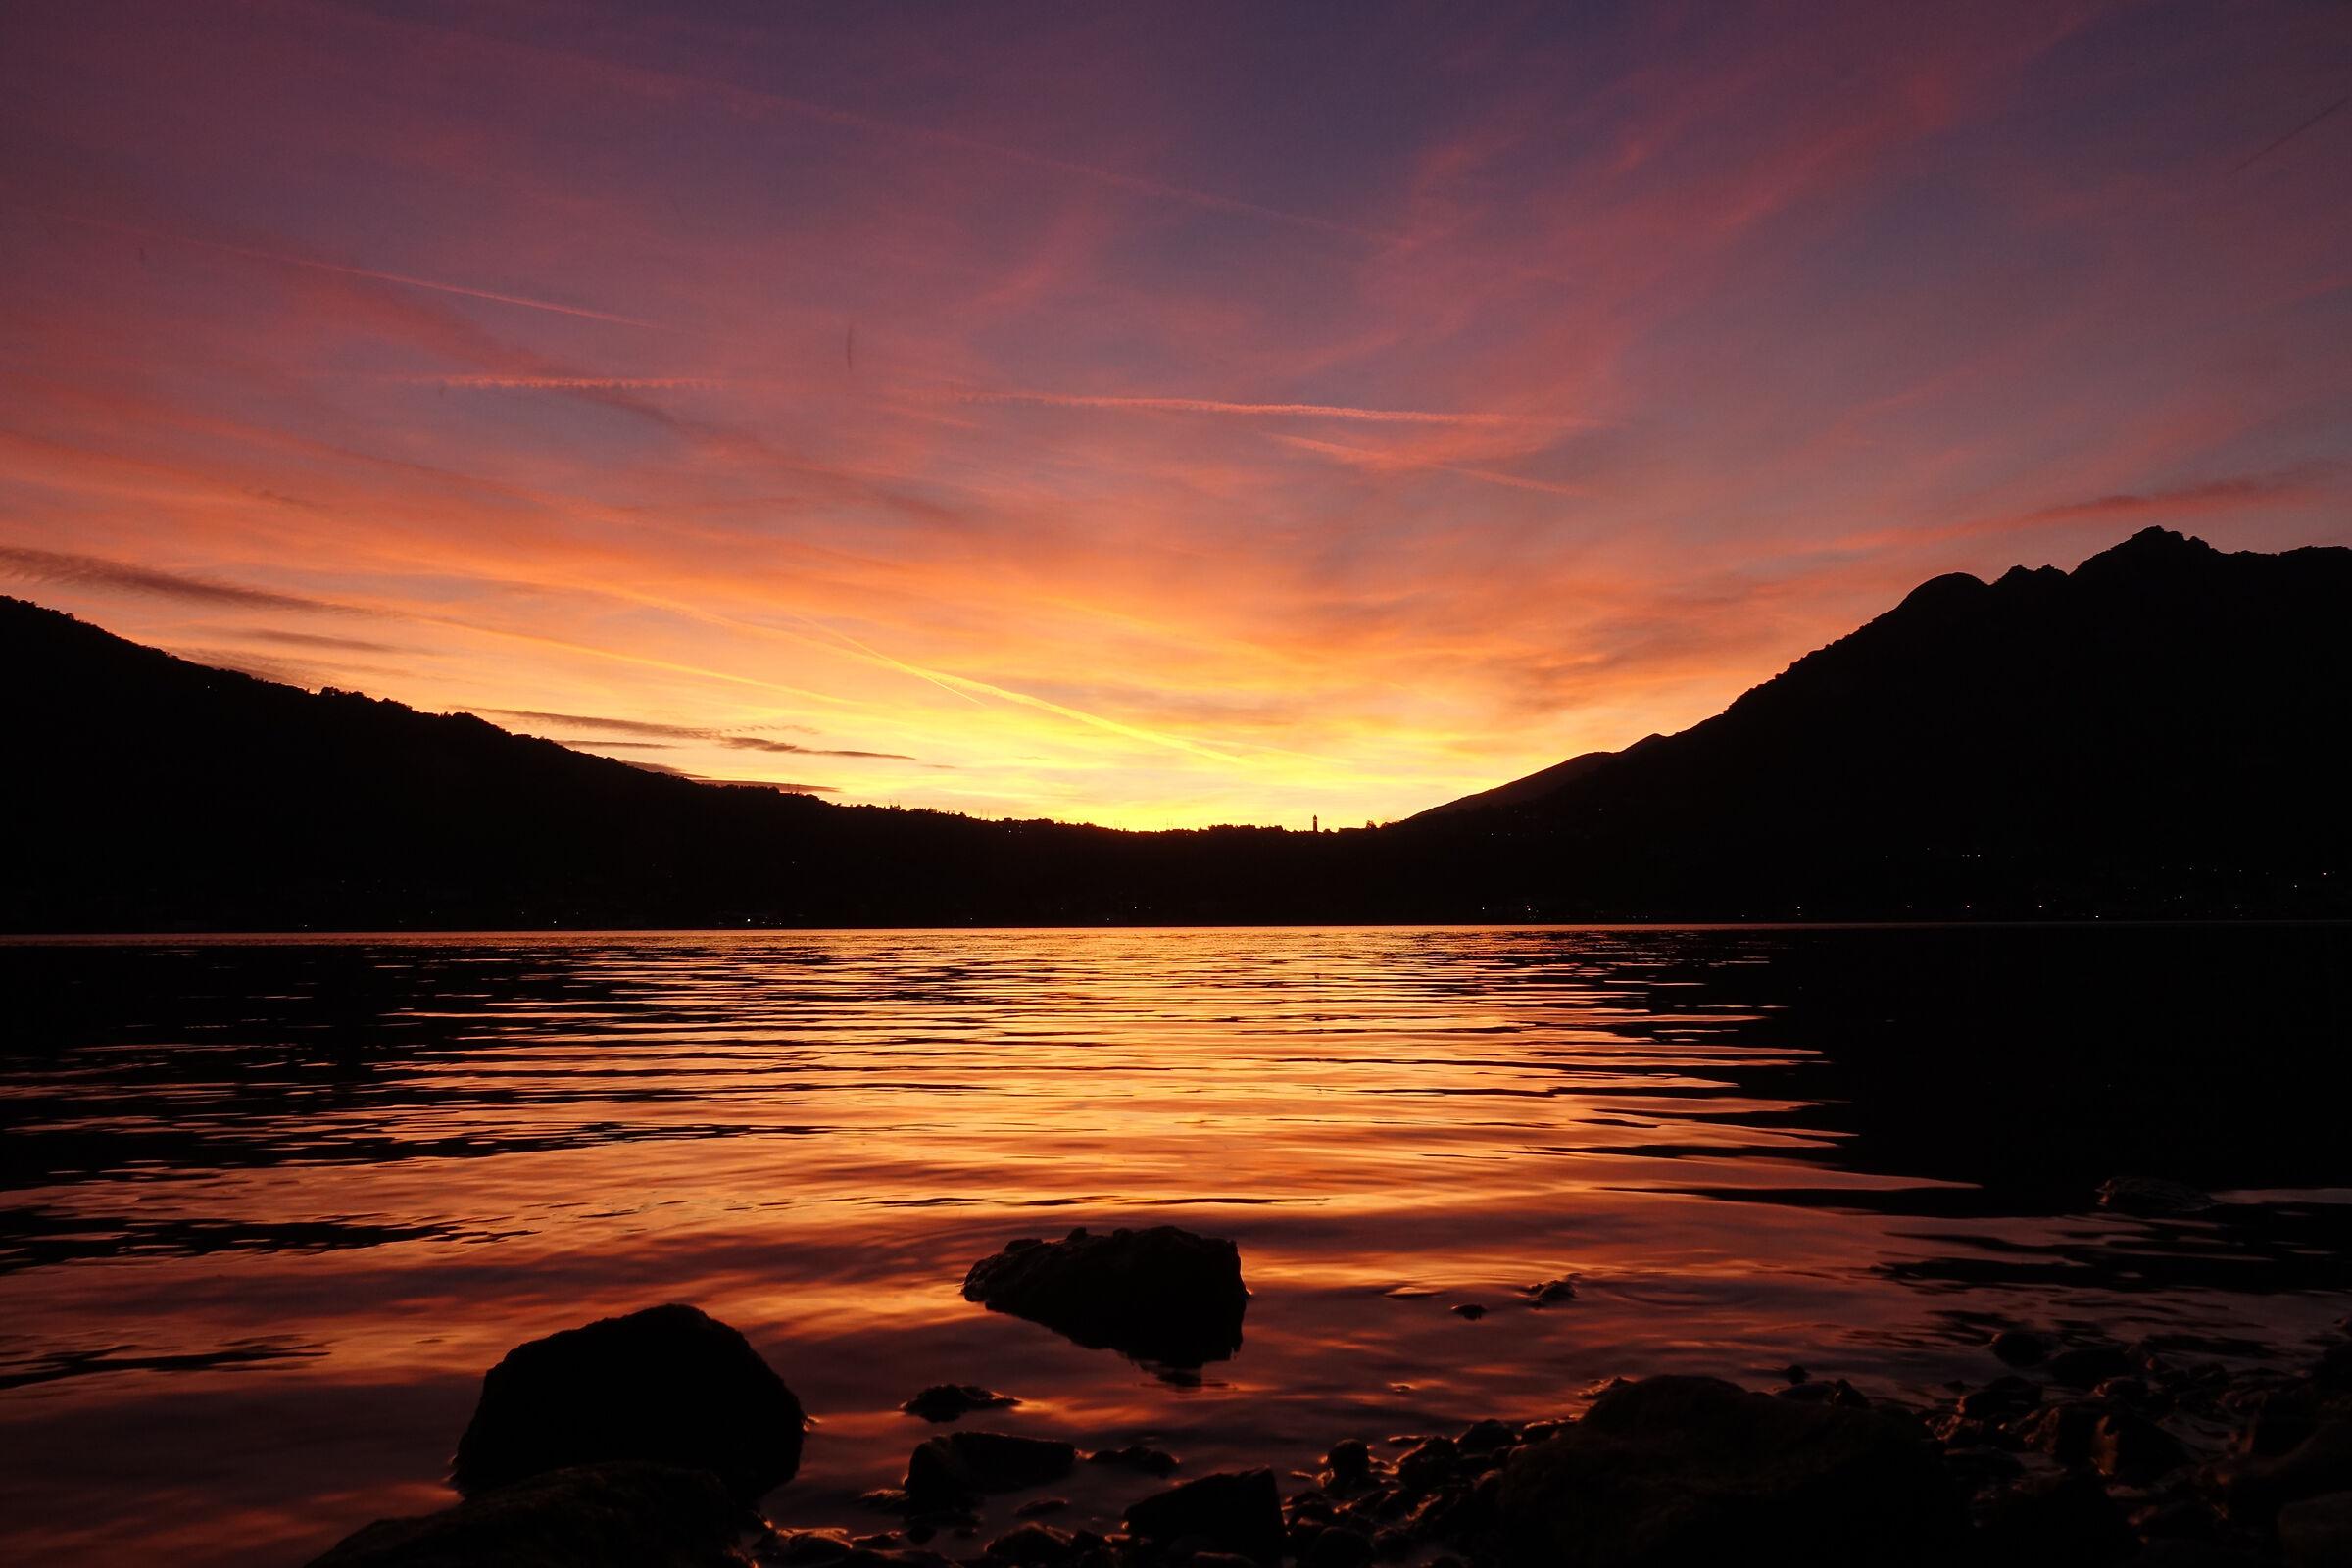 tramonto autunnale sul lago di Garlate...